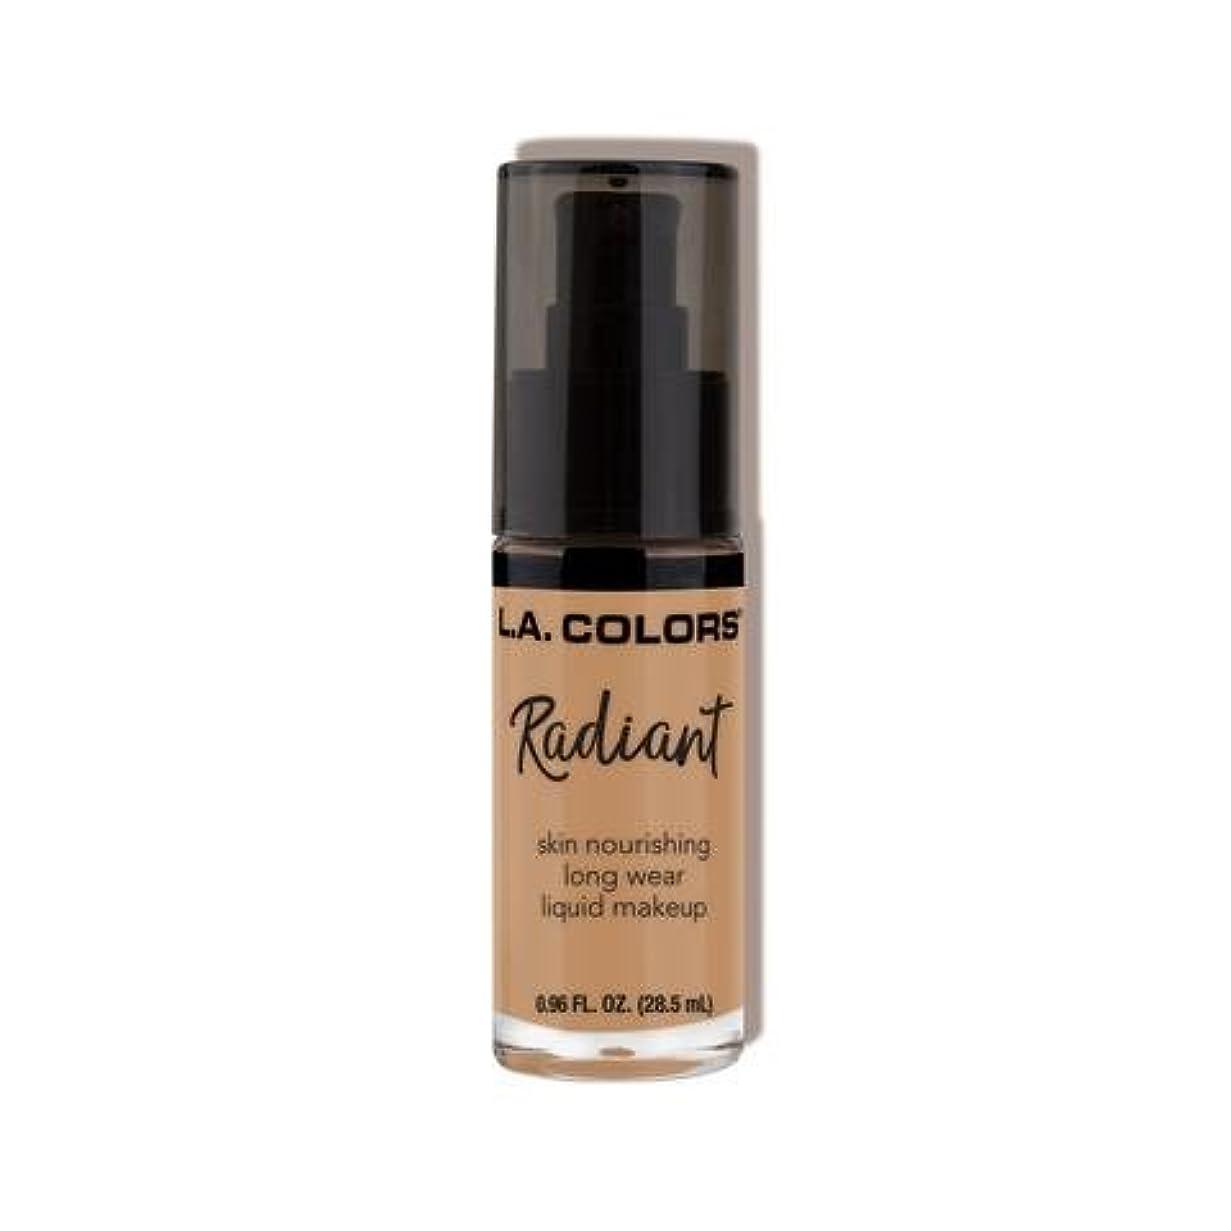 ホイスト子犬推進(6 Pack) L.A. COLORS Radiant Liquid Makeup - Light Toffee (並行輸入品)